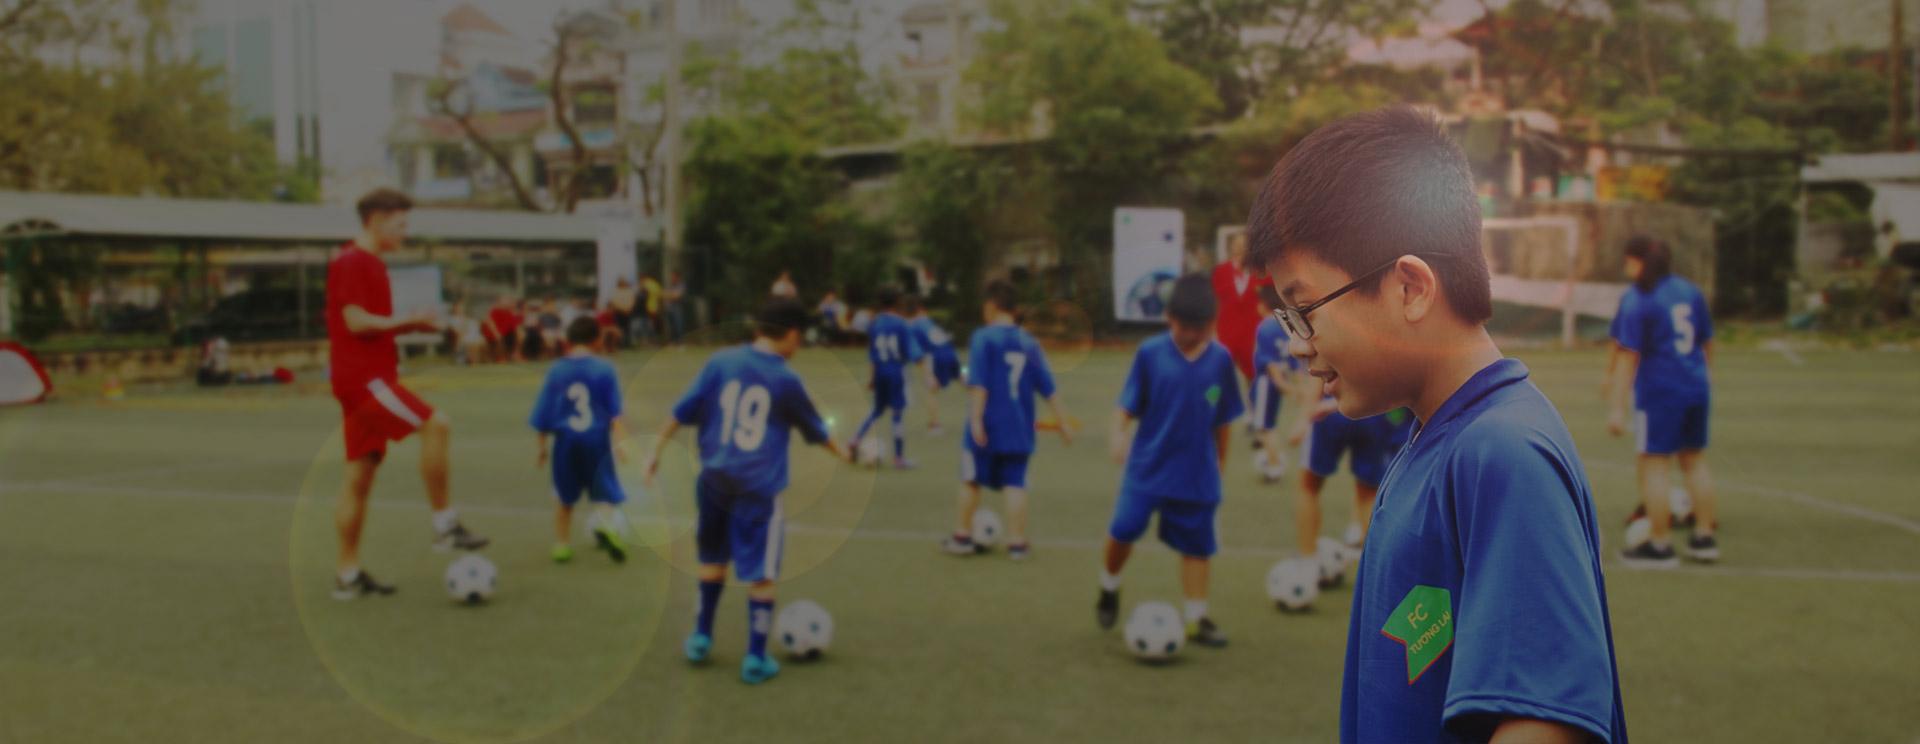 Bóng đá – Môi trường Giáo dục – Niềm vui